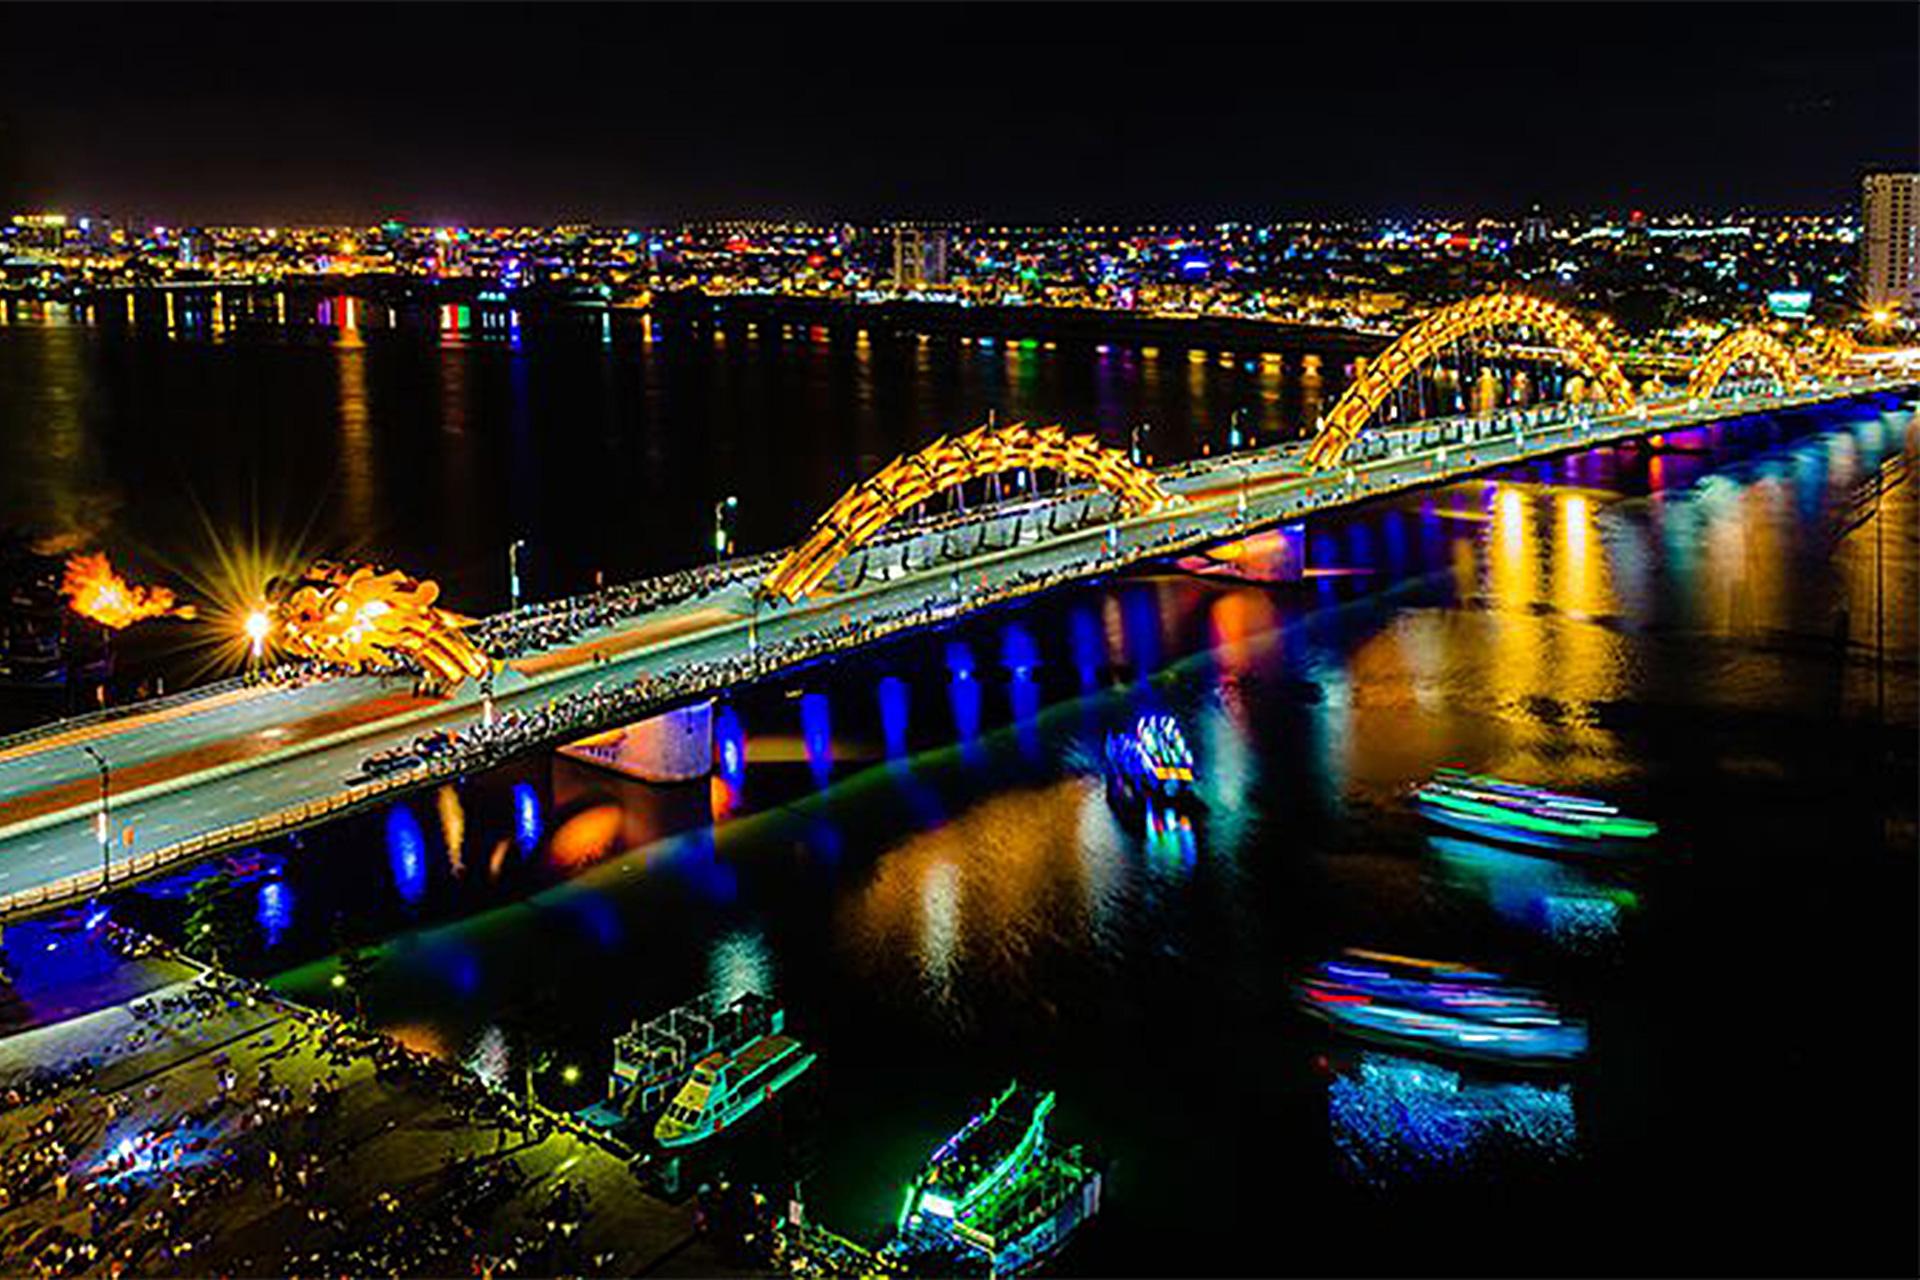 [Chia sẻ] 10 địa điểm du lịch Đà Nẵng miễn phí và cực kỳ thú vị